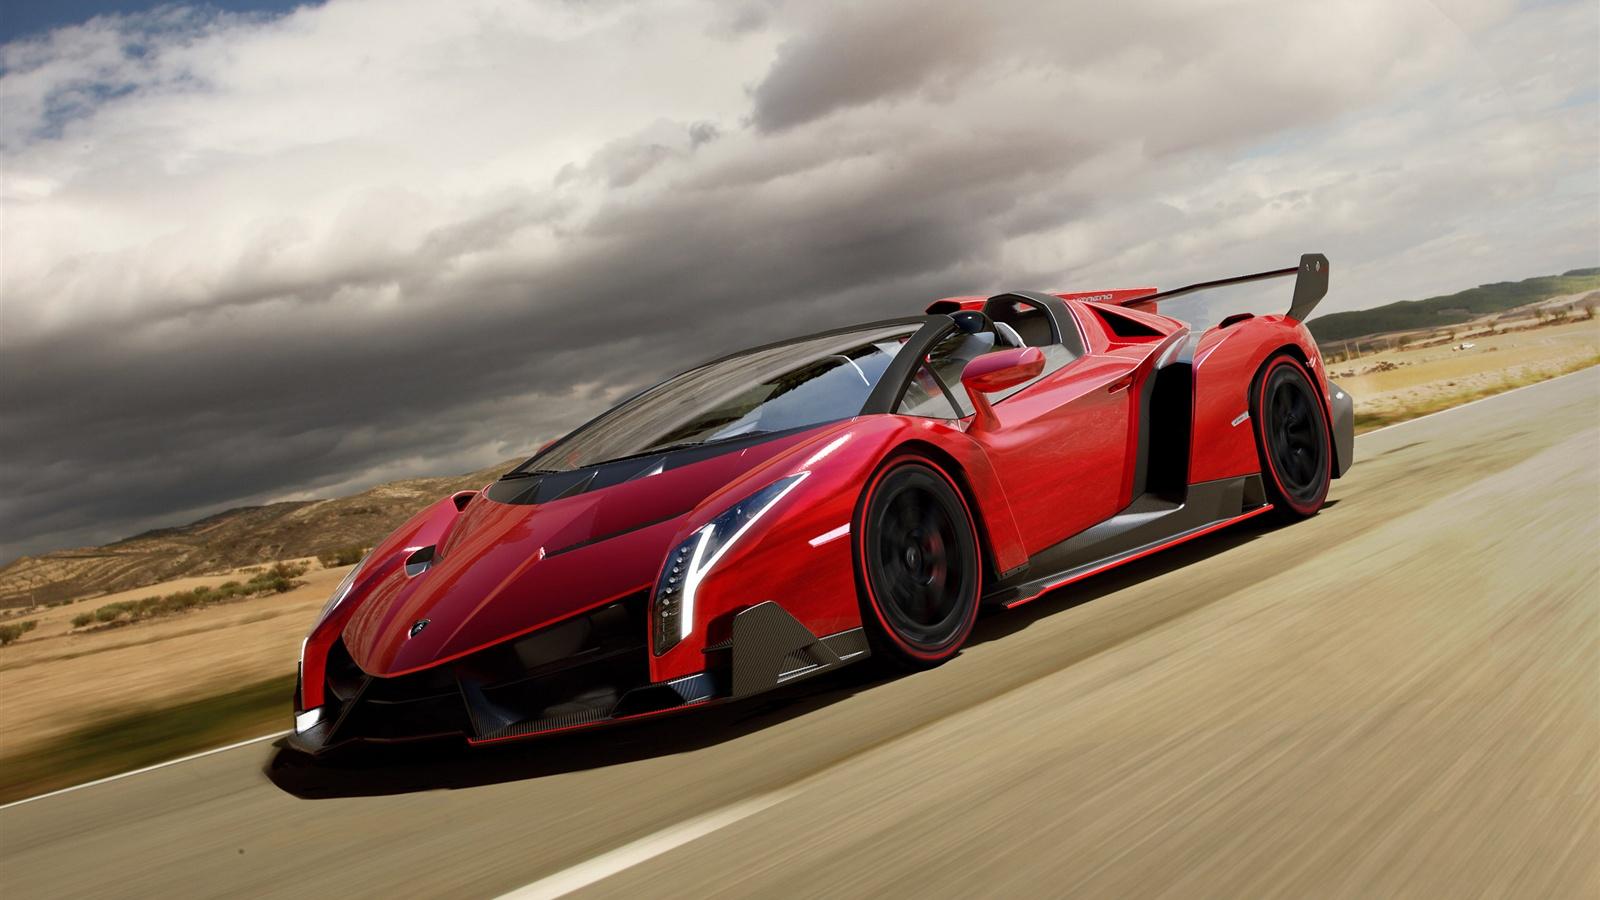 Wallpaper Red Lamborghini Veneno Roadster supercar in road ...